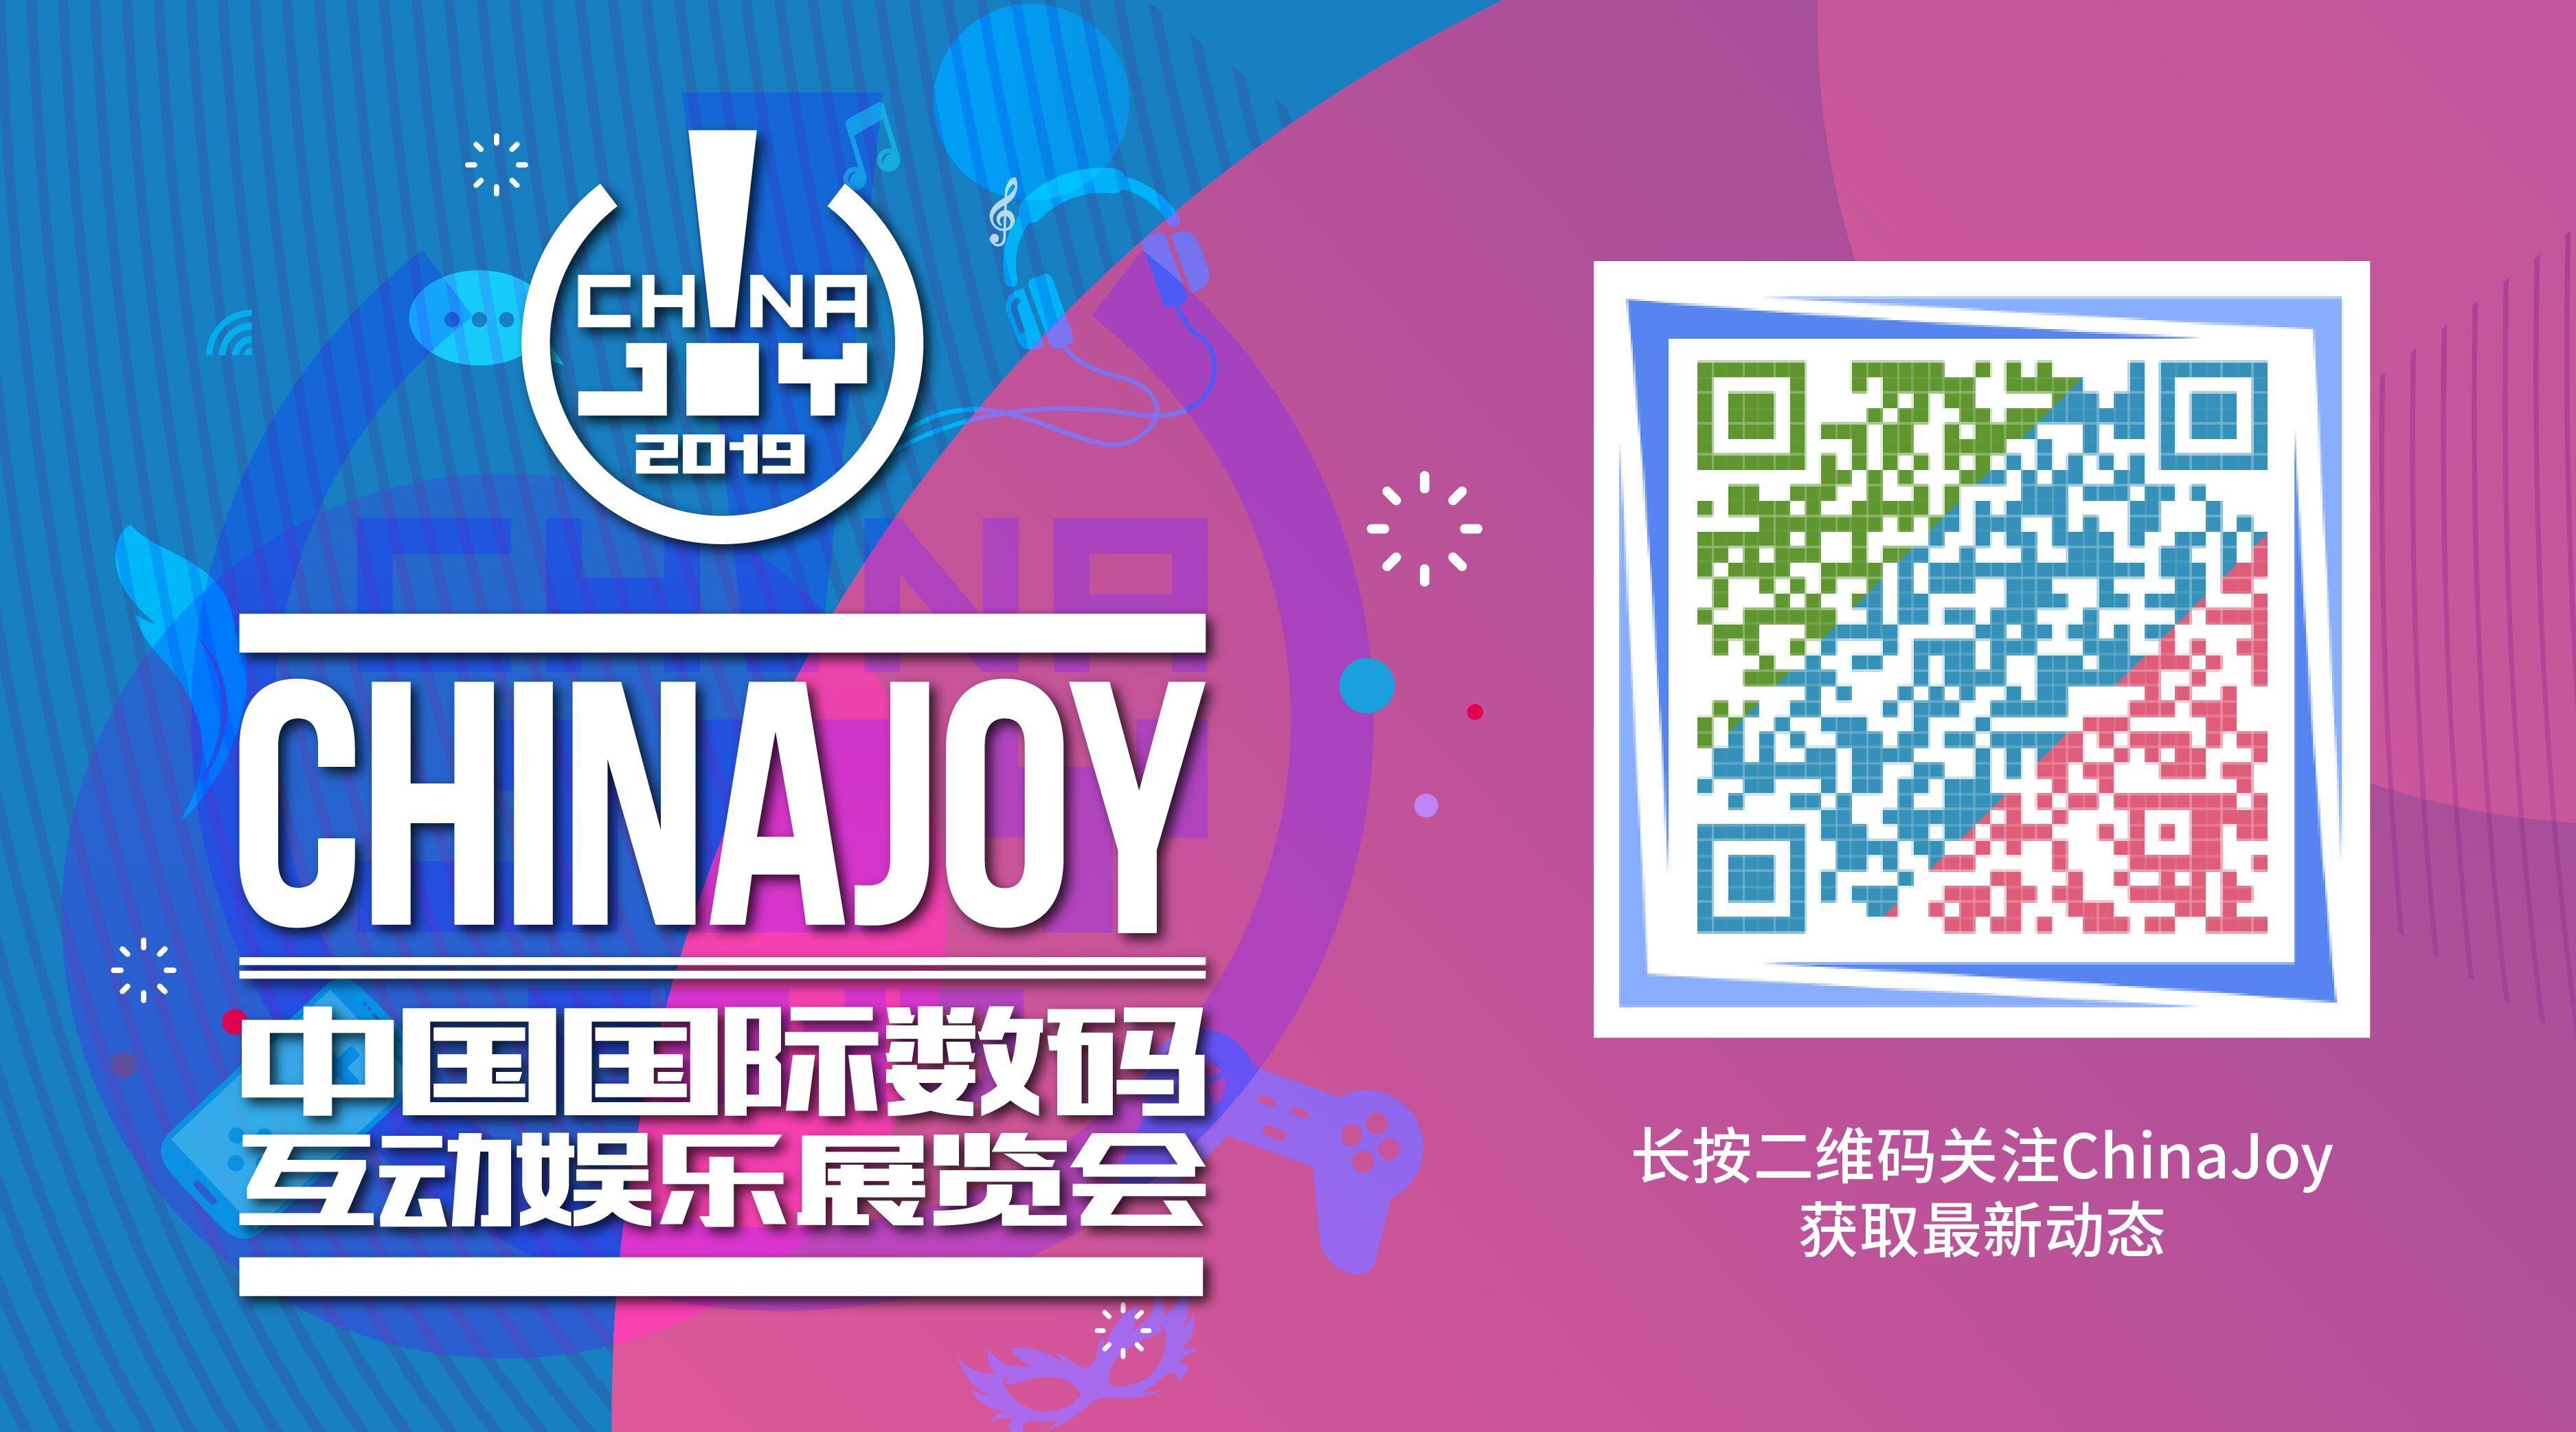 羚邦娛樂有限公司確認參展2019ChinaJoyBTOB!我的英雄學院、銀魂等熱門IP悉數亮相